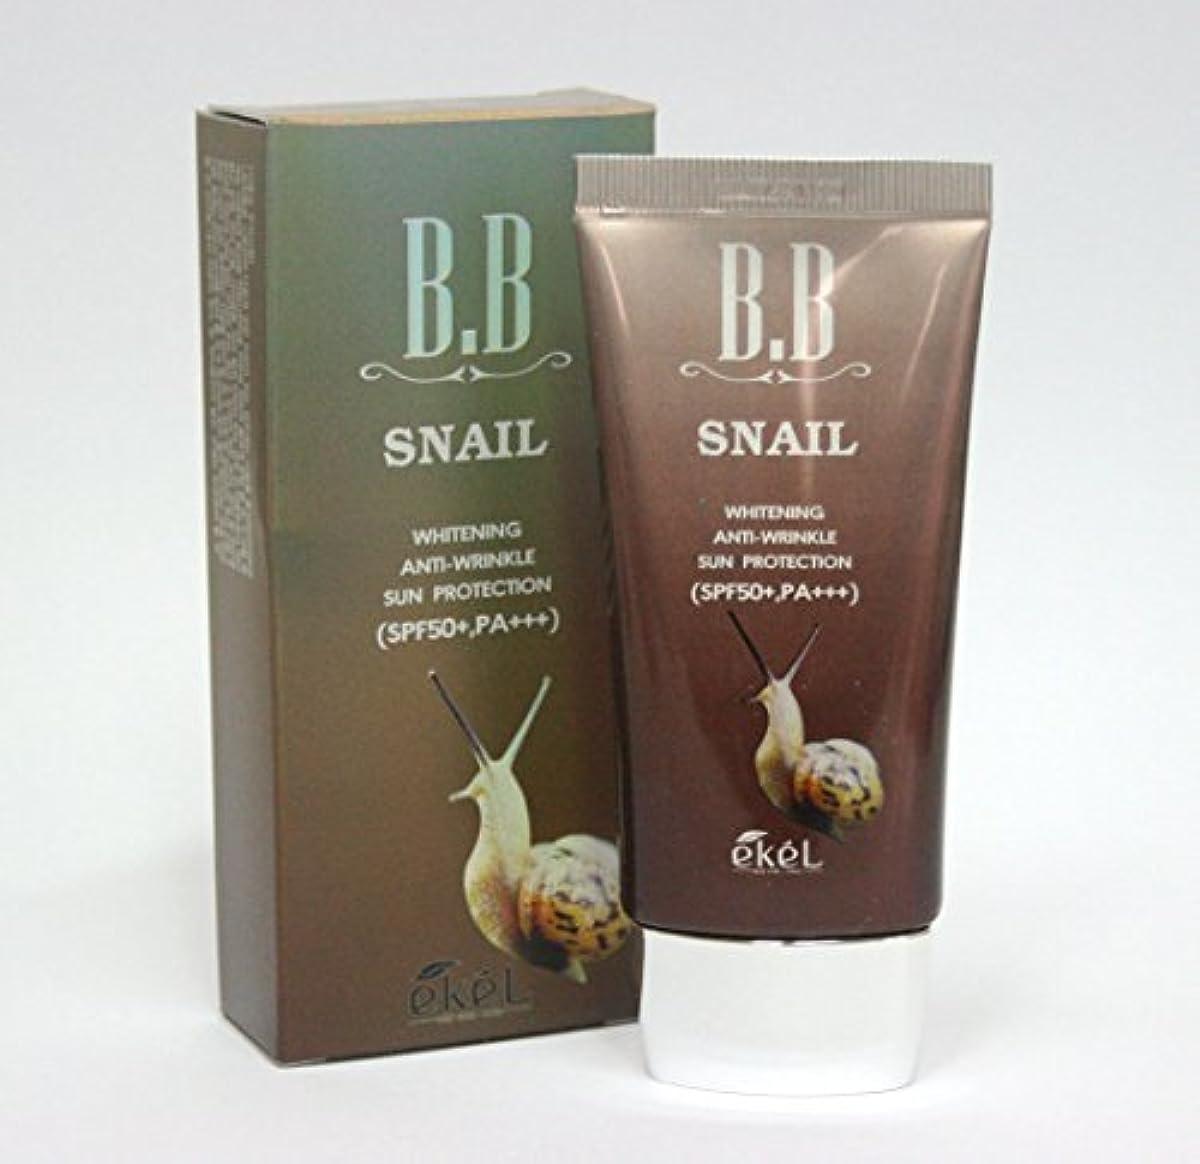 版サーバアクセル[Ekel] カタツムリBBクリーム50ml / ホワイトニング , SPF50 + PA +++ / 韓国化粧品 / Snail BB Cream 50ml / Whitening, SPF50+ PA+++ / Korea...